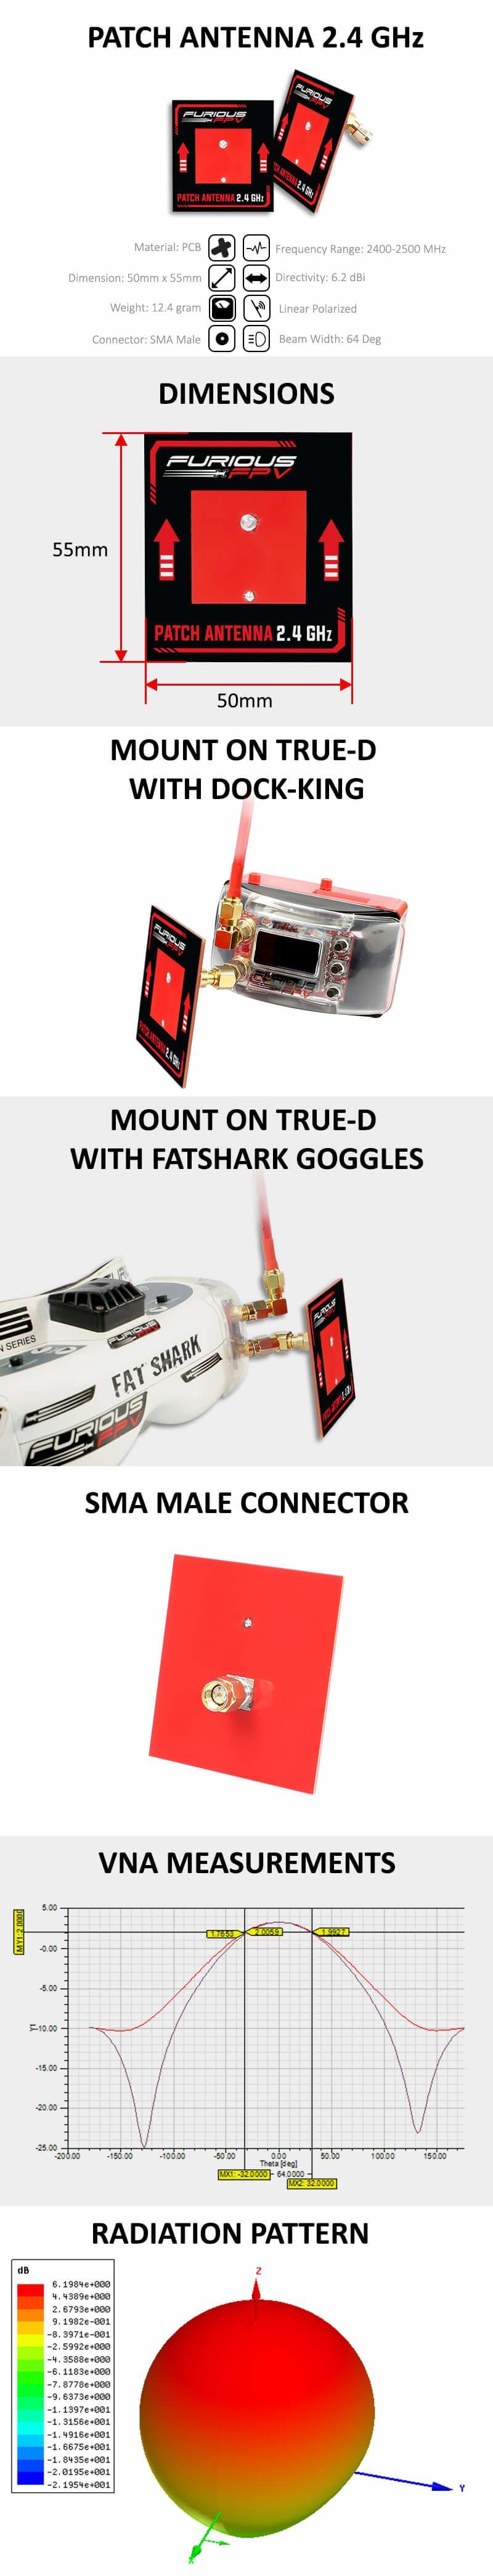 Furious Patch antenna 2.4ghz